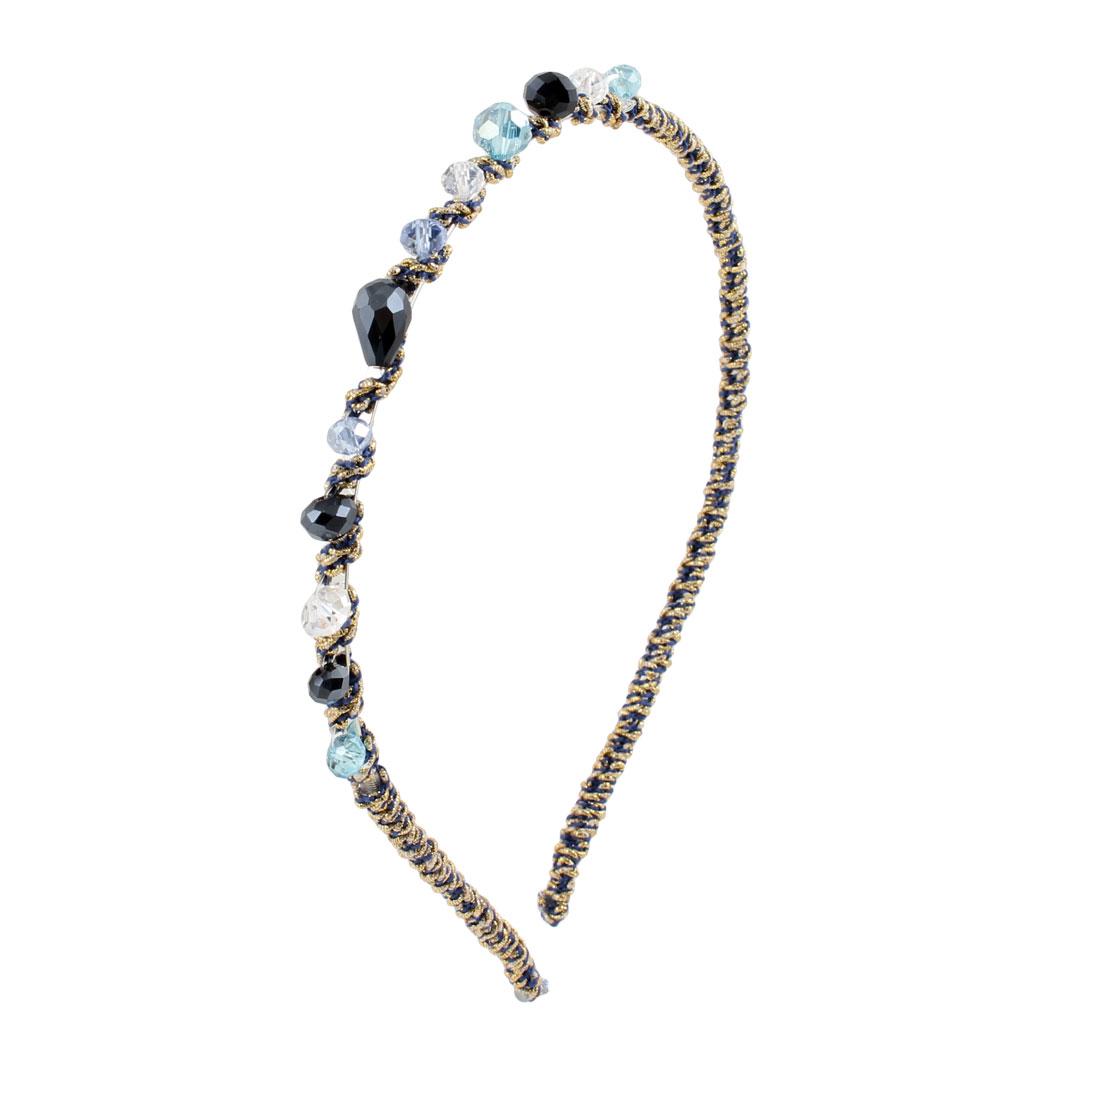 Plastic Crystal Beads Blue Black Clear Slim Metal Hair Hoop Headband for Ladies